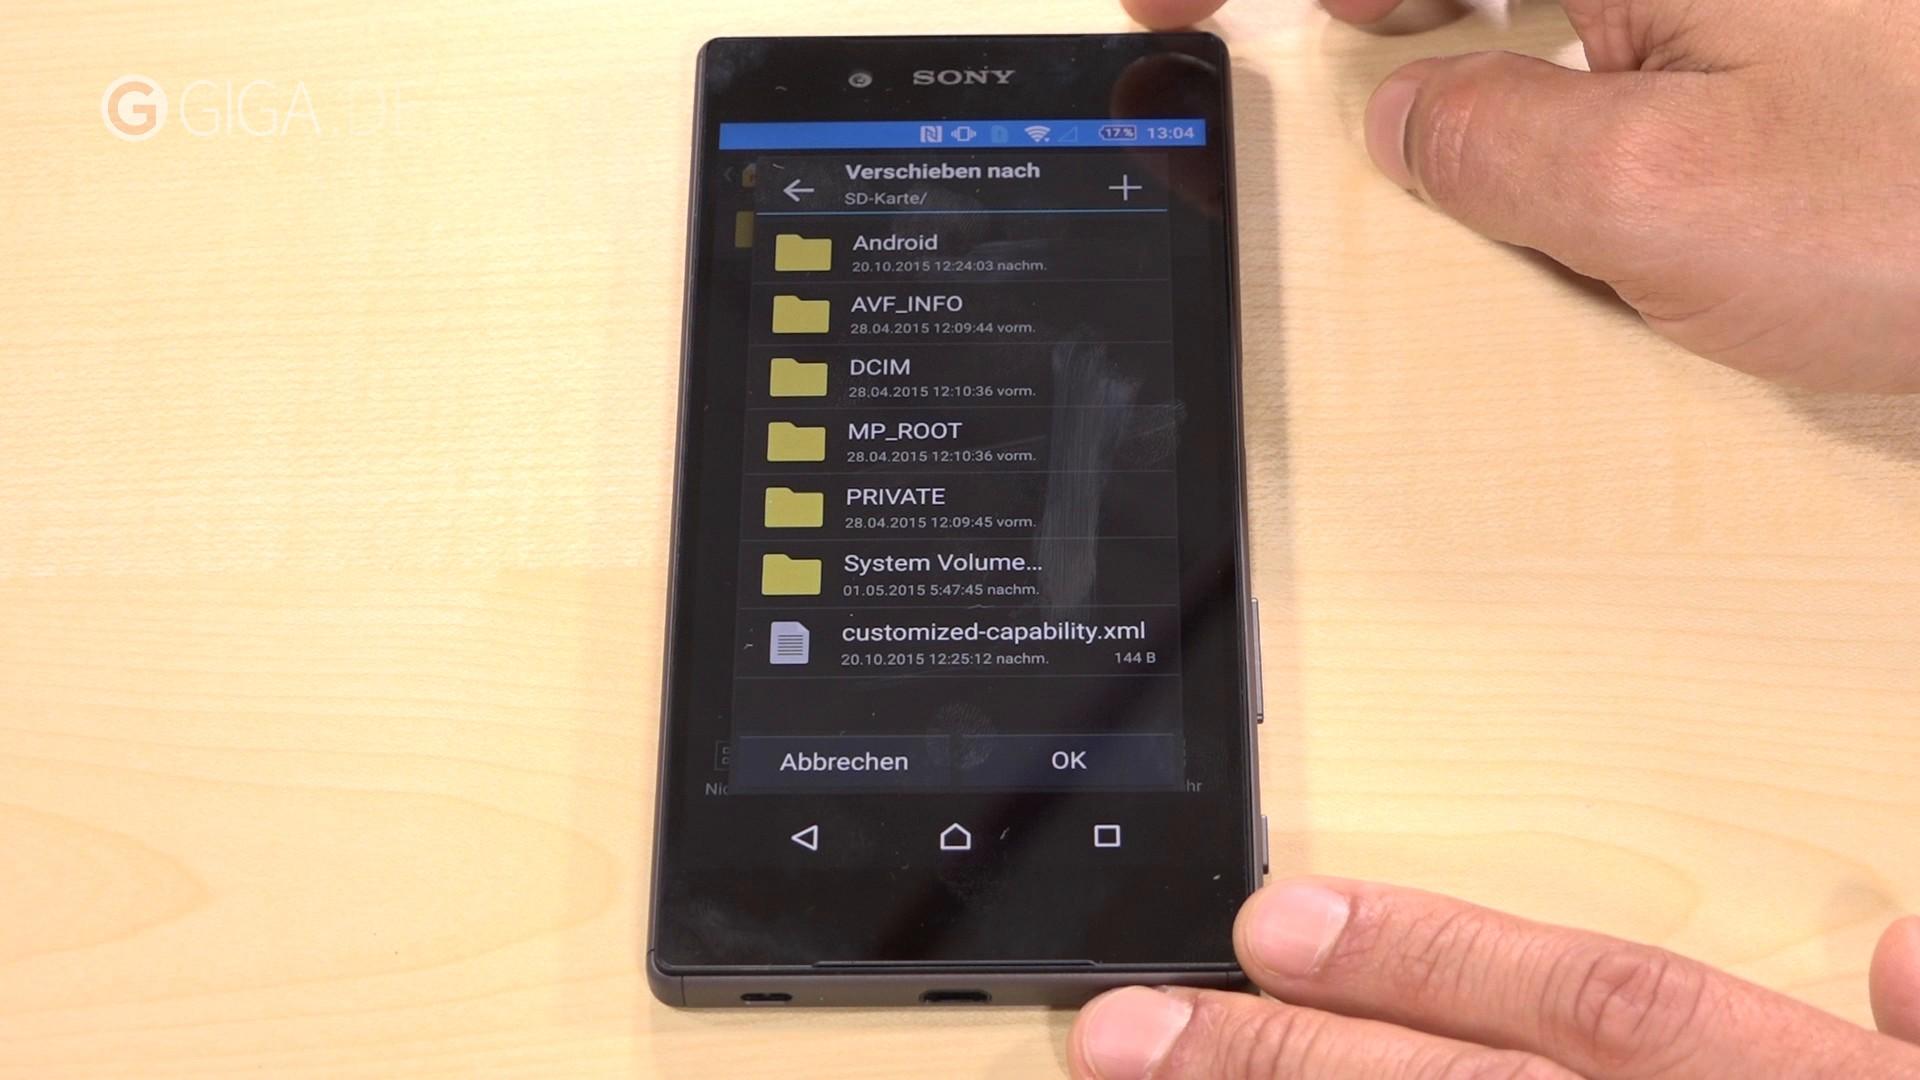 Bilder Auf Sd Karte Verschieben Samsung A3.Bilder Auf Sd Karte Verschieben Oder Speichern So Geht S Bei Android